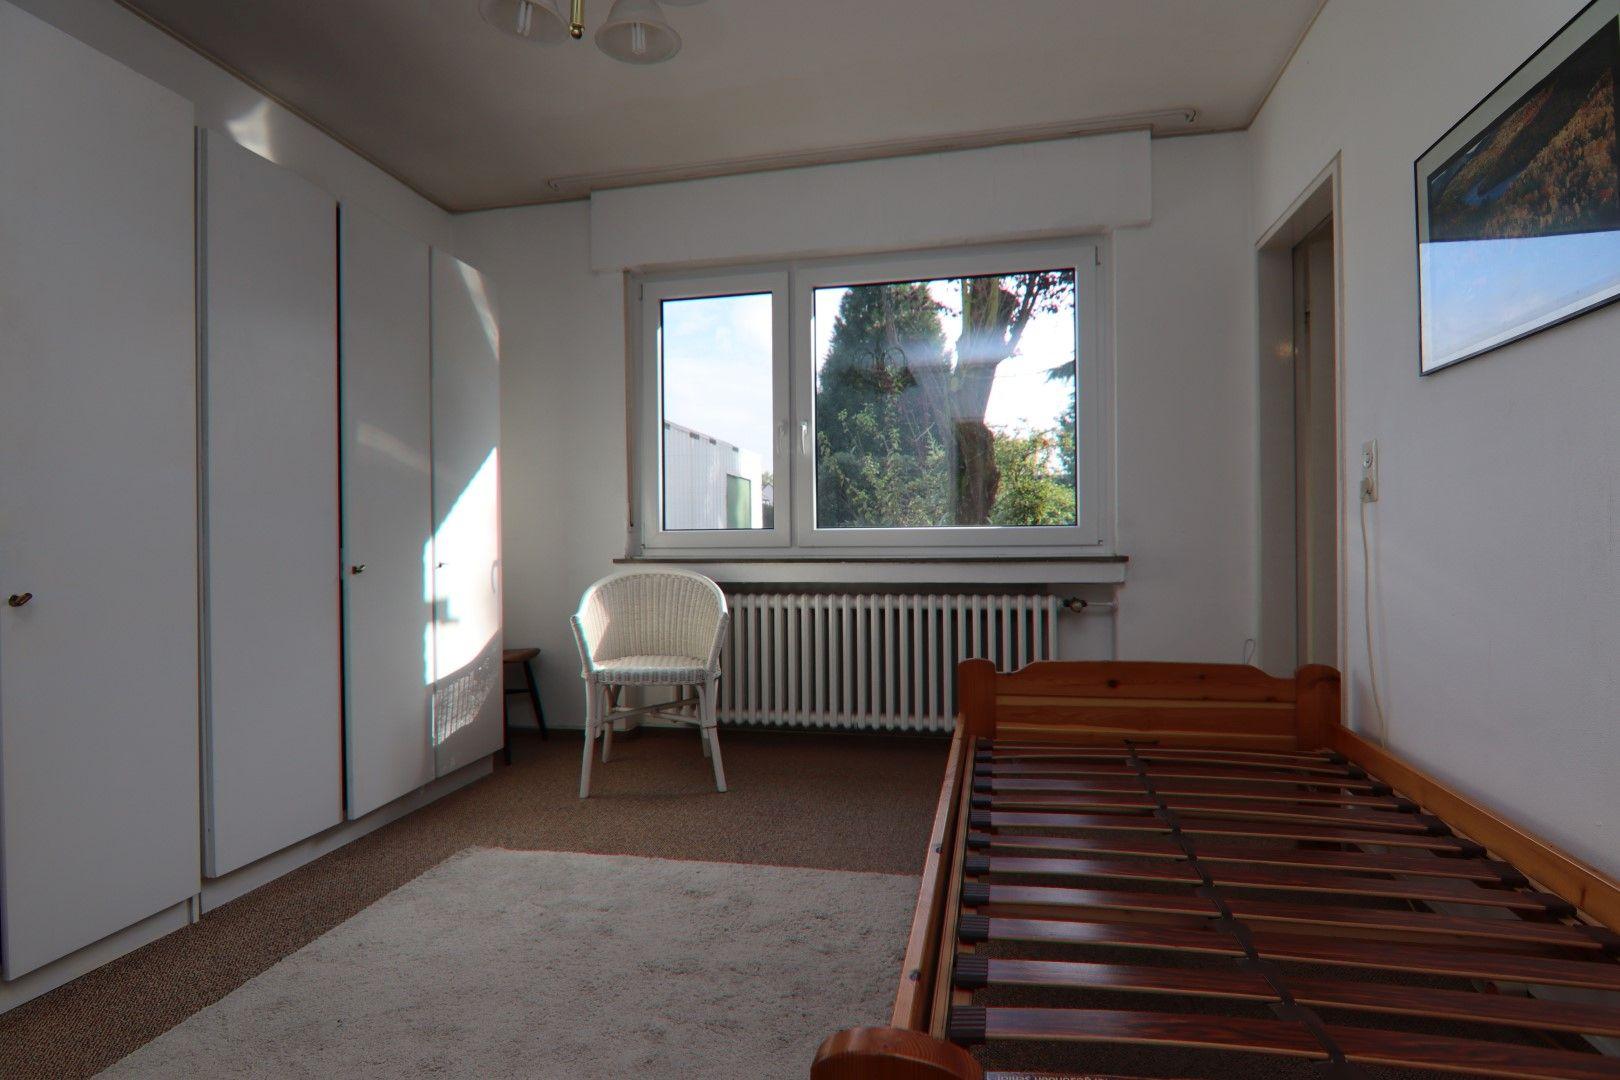 Immobilie Nr.0273 - Doppelhaushälfte in WEG mit Garten & Terrasse - Bild 8.jpg